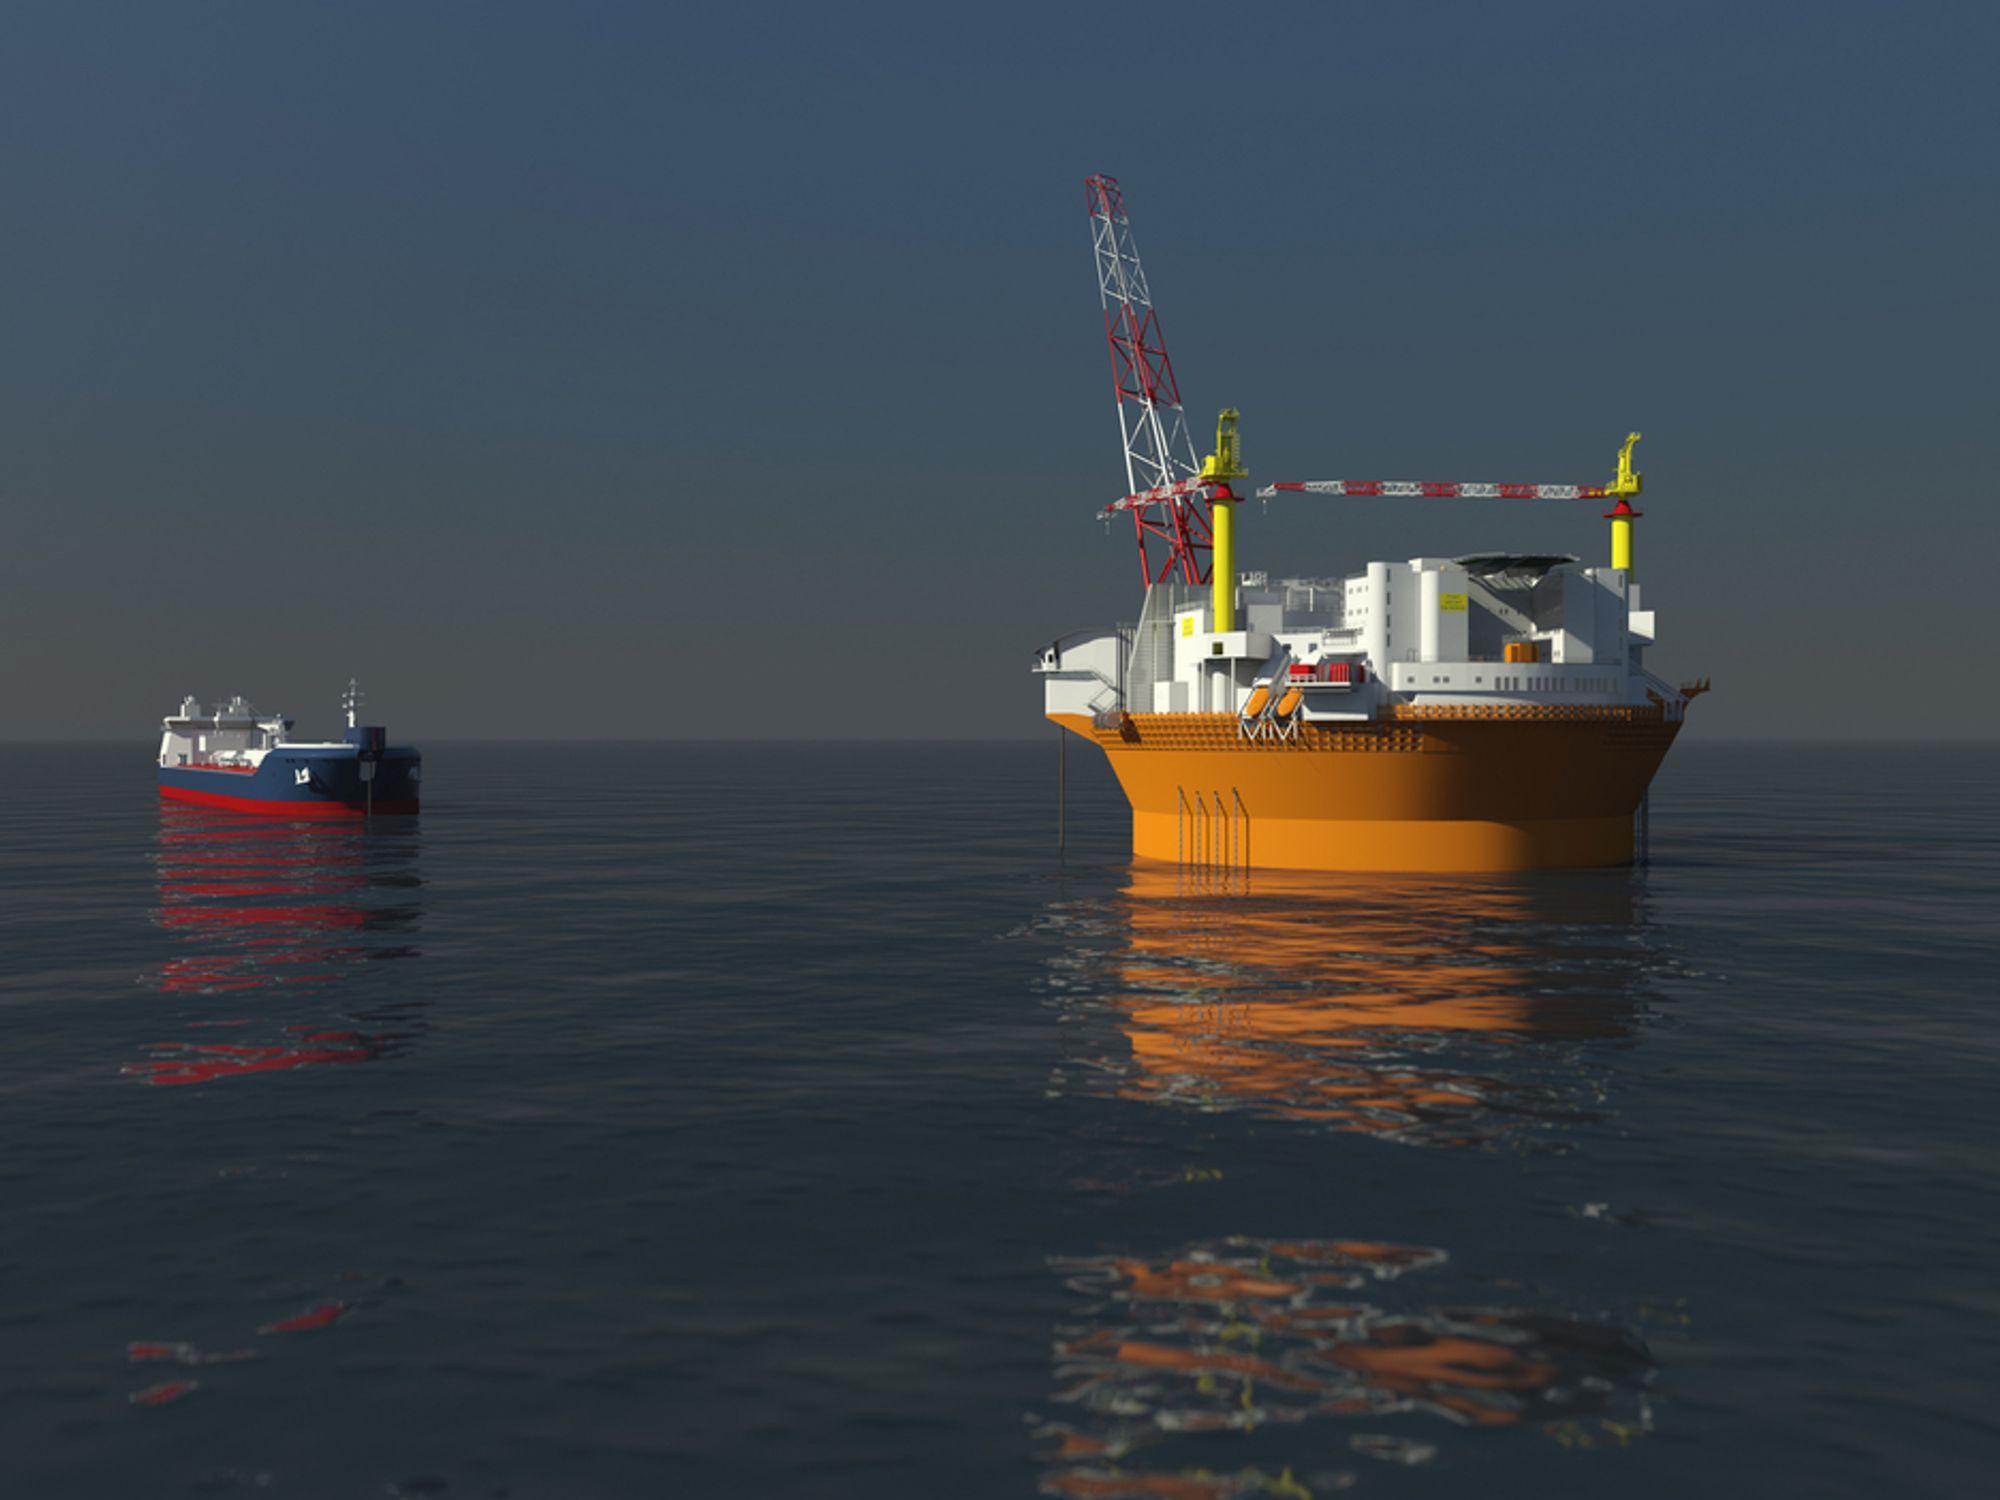 SIKKER LOSSING: Eni Norge har lagt vekt på å få til sikker lossing av olje til shuttletanker på Goliat. APL skal levere den spesialkonstruerte lossestasjonen.